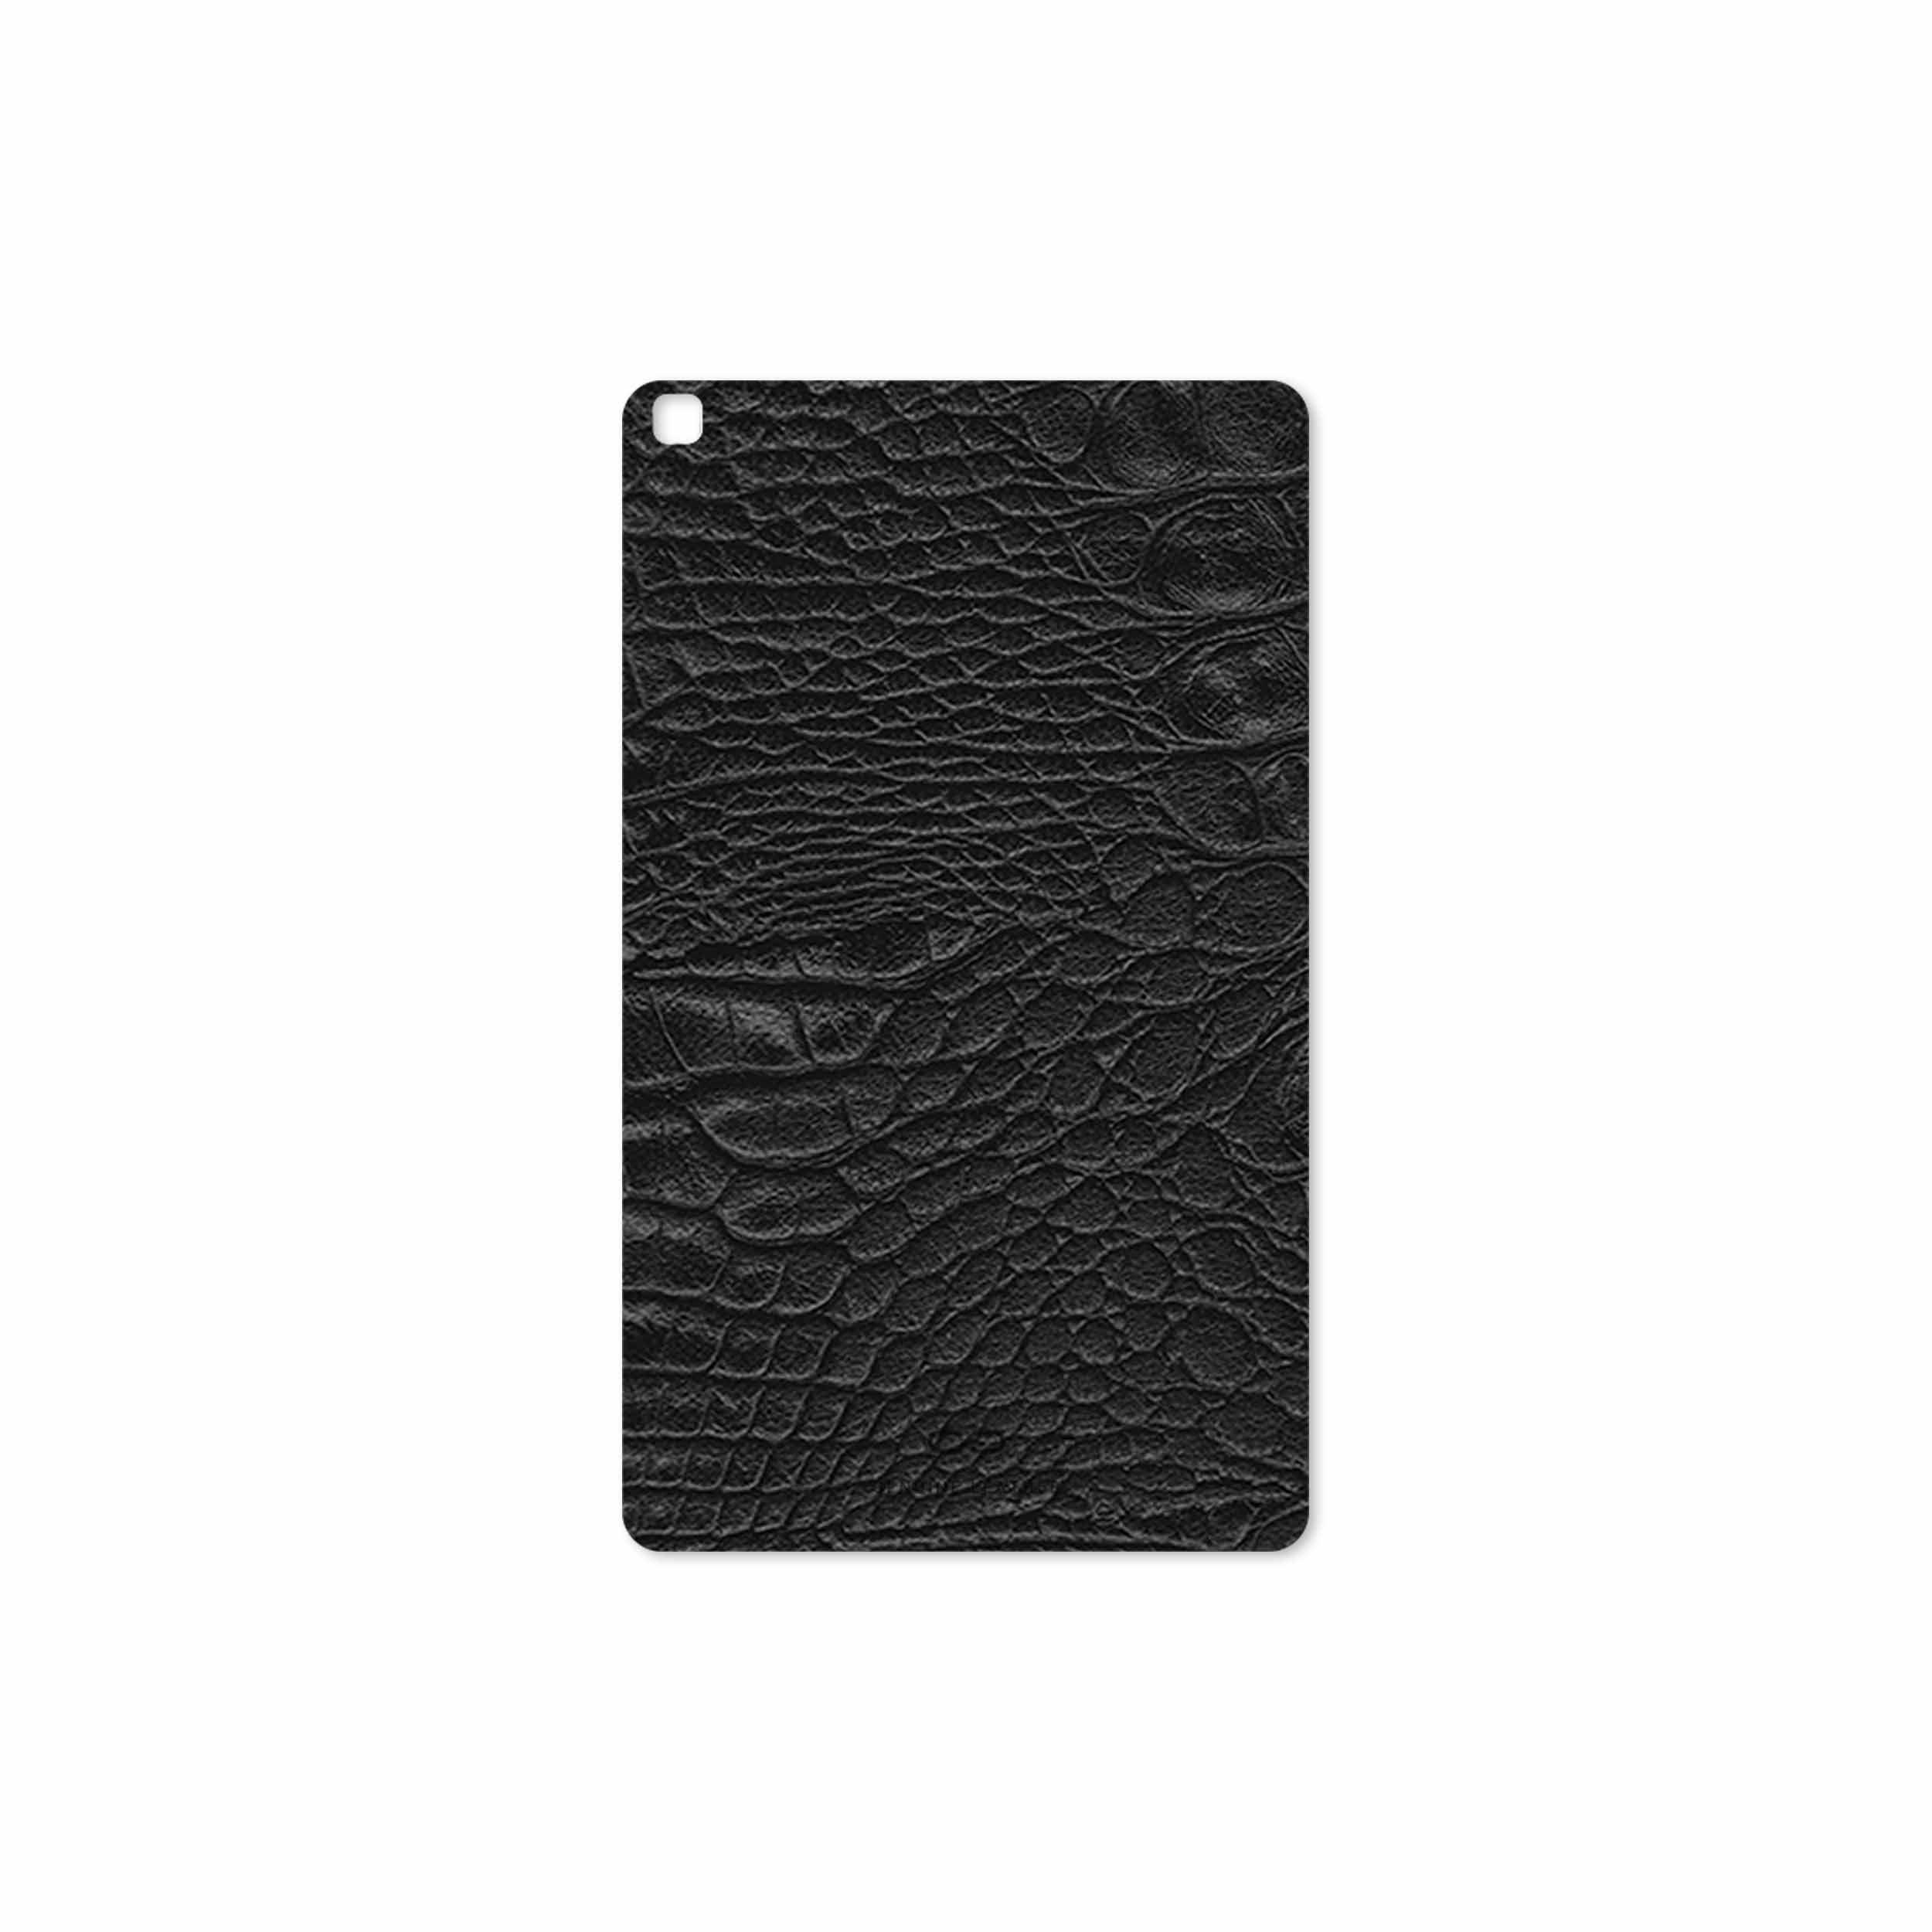 بررسی و خرید [با تخفیف]                                     برچسب پوششی ماهوت مدل Black-Crocodile-Leather مناسب برای تبلت سامسونگ Galaxy Tab A 8.0 2019 T290                             اورجینال